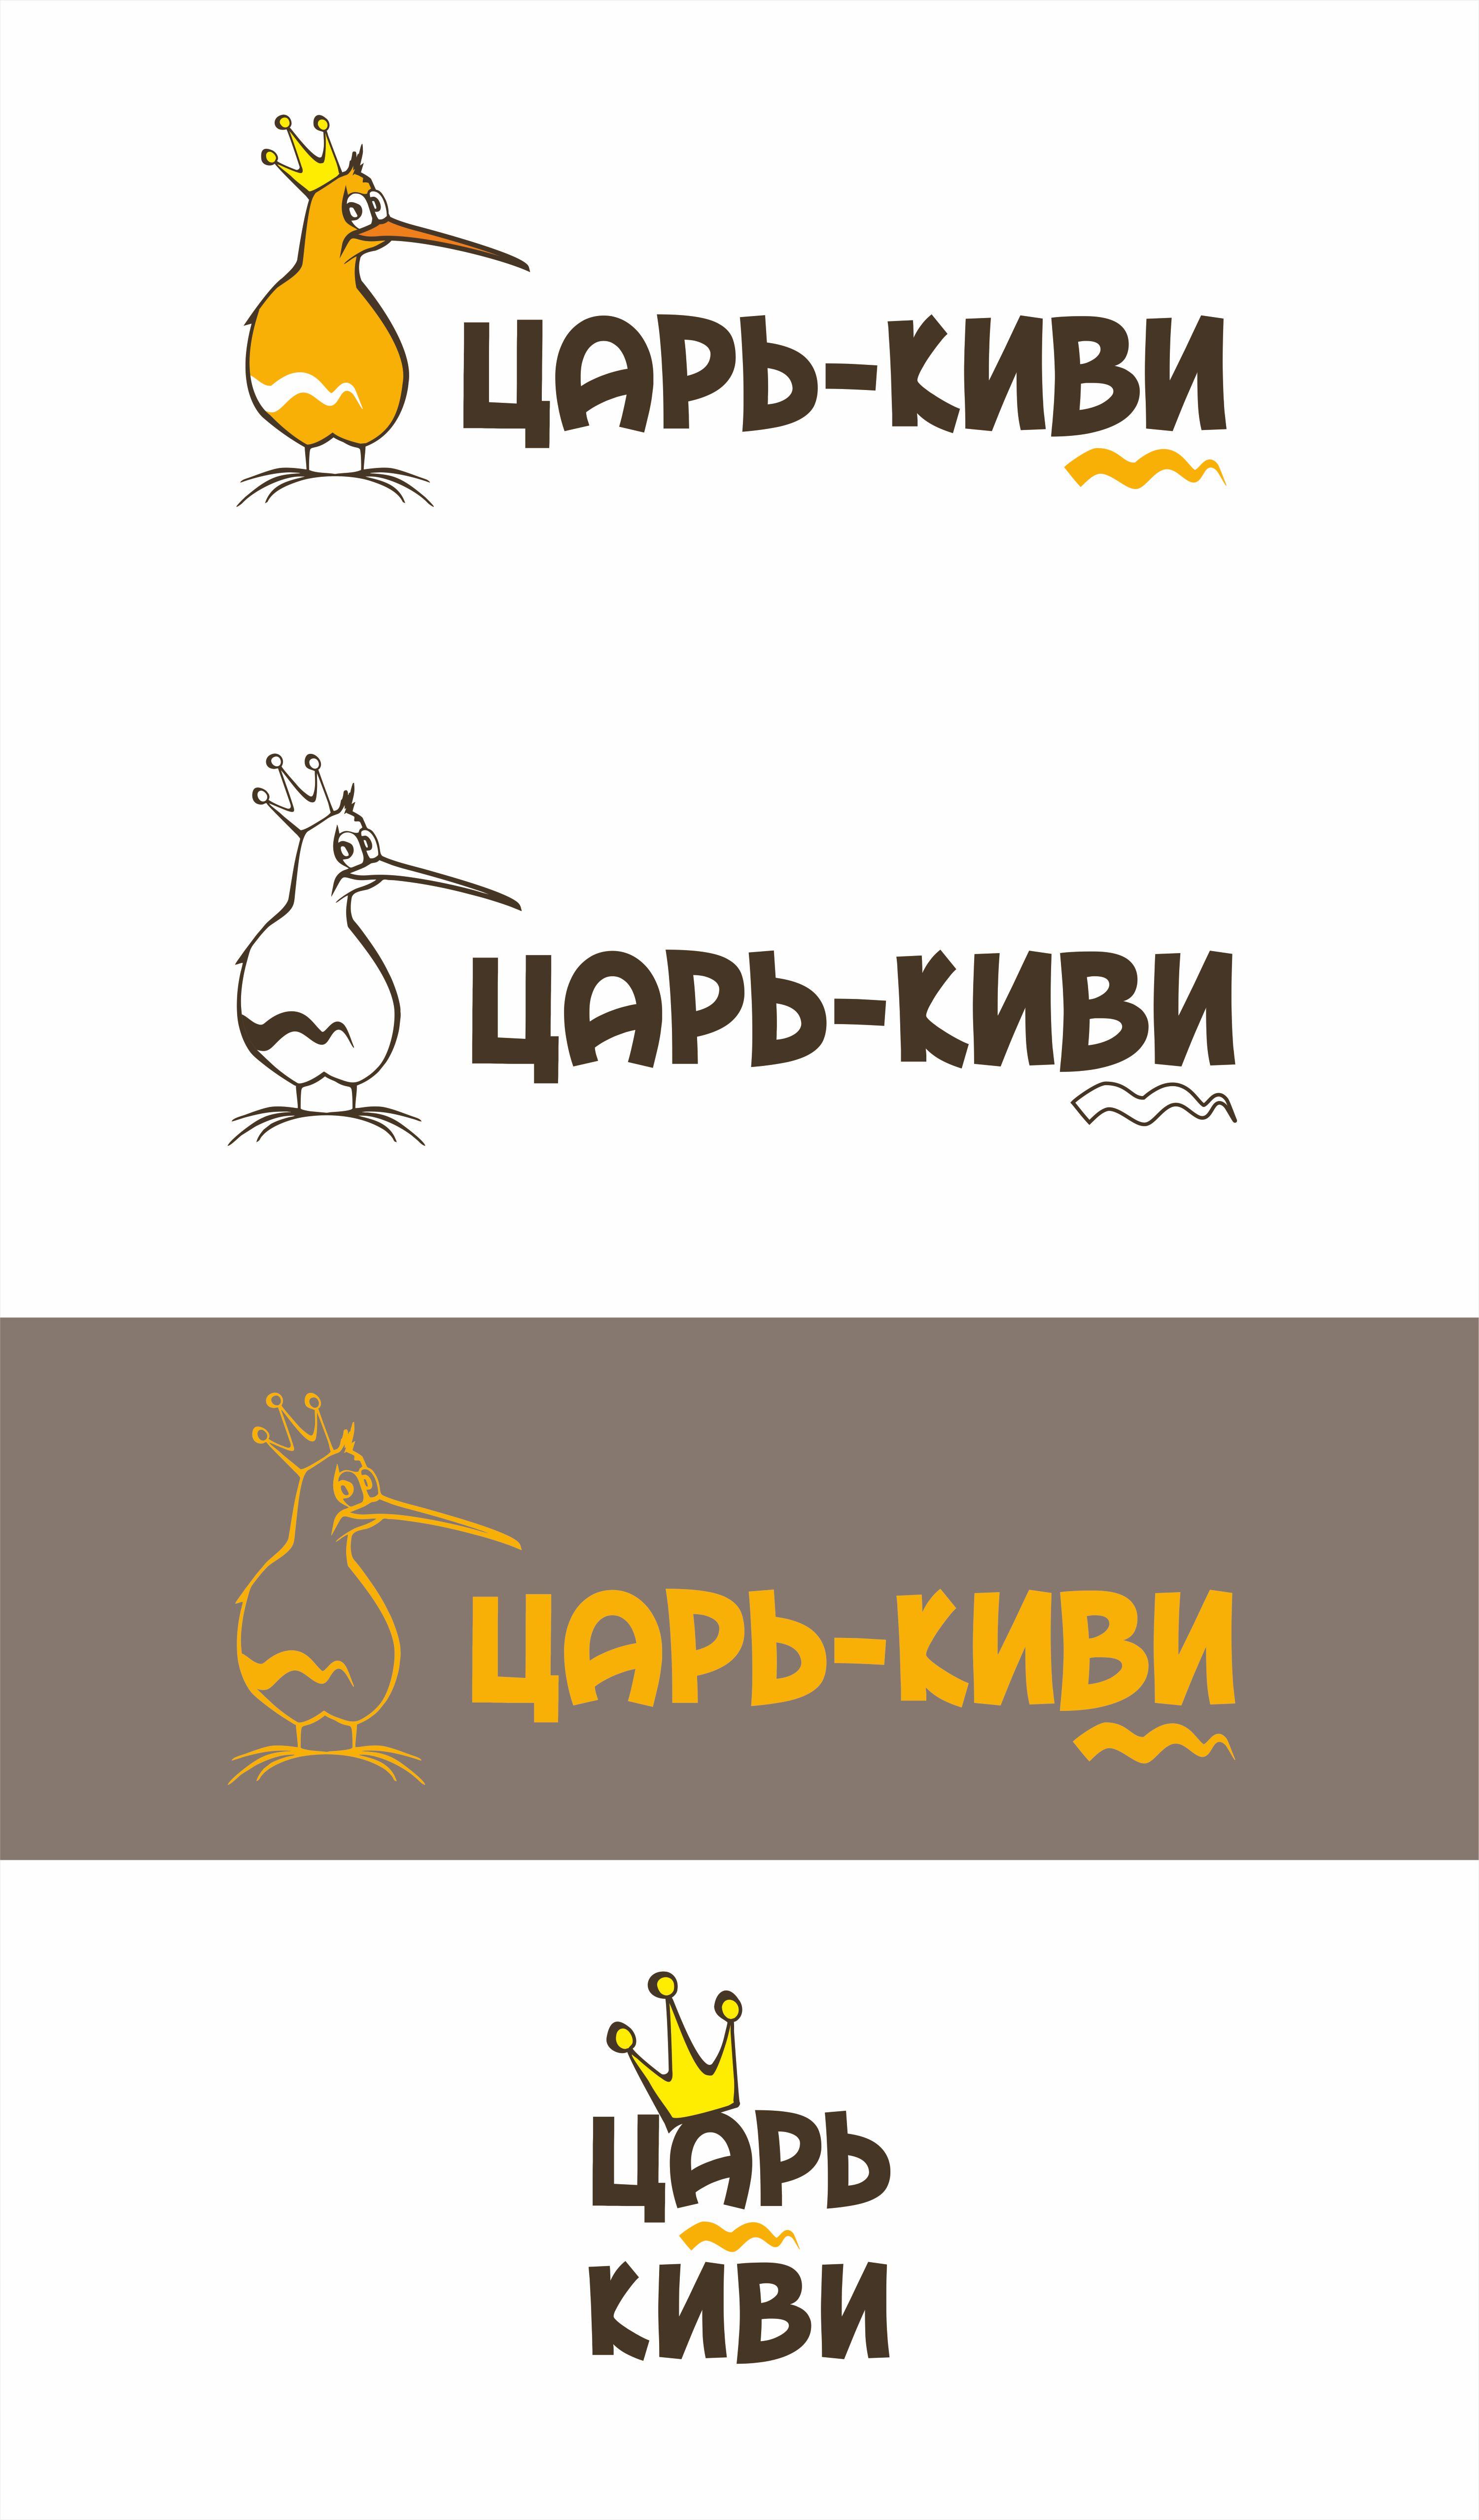 """Доработать дизайн логотипа кафе-кондитерской """"Царь-Киви"""" фото f_7555a0707ba24dfb.jpg"""